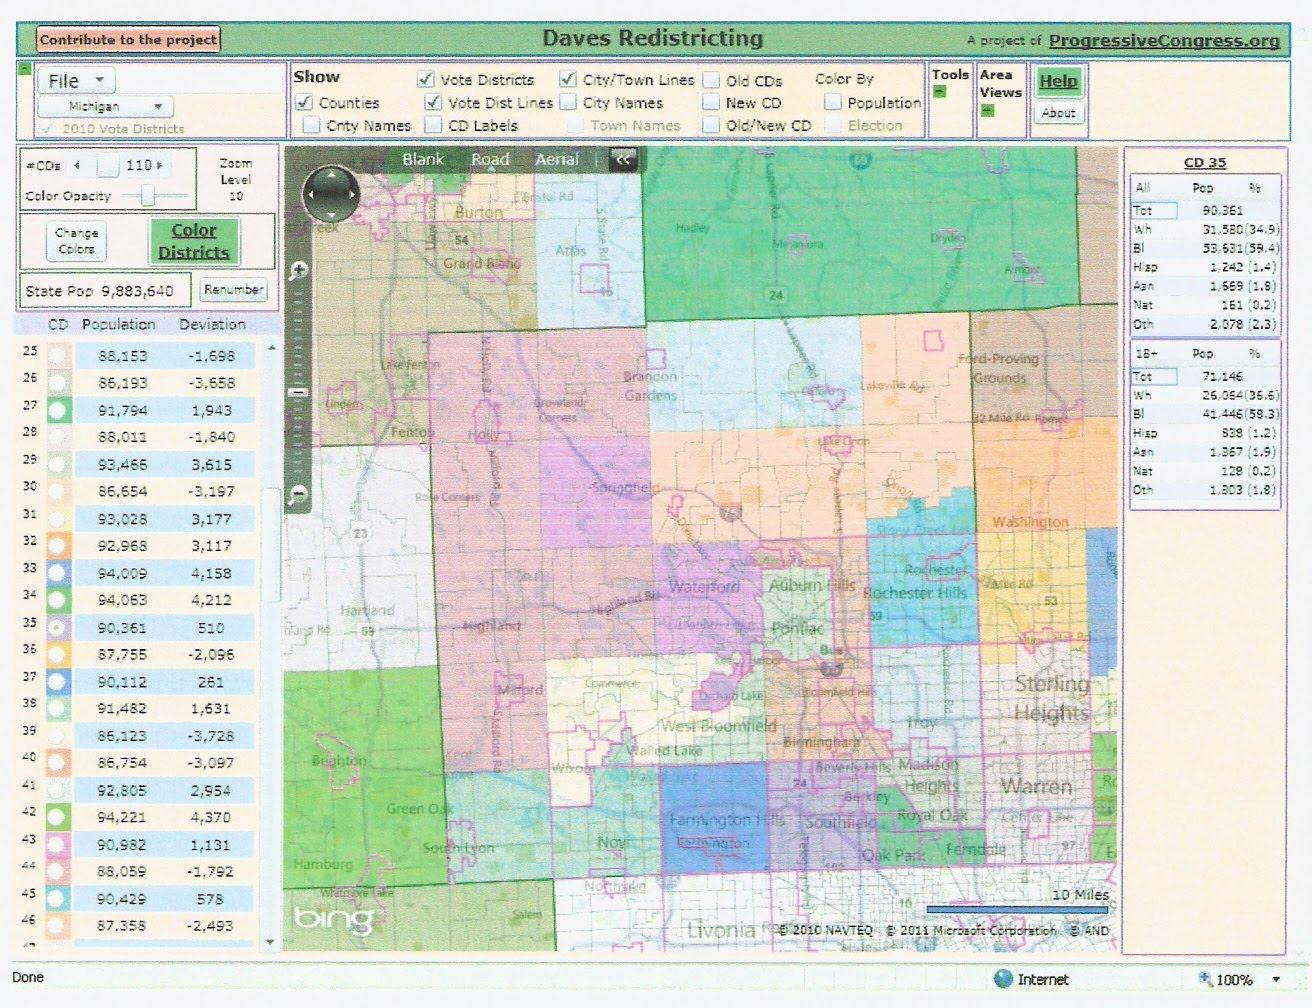 Ratings And Descriptions For The Map: 26 Safe D [royal Oak, Madison  Heights] 27 Safe D [oak Park, Ferndale, Hazel Park]